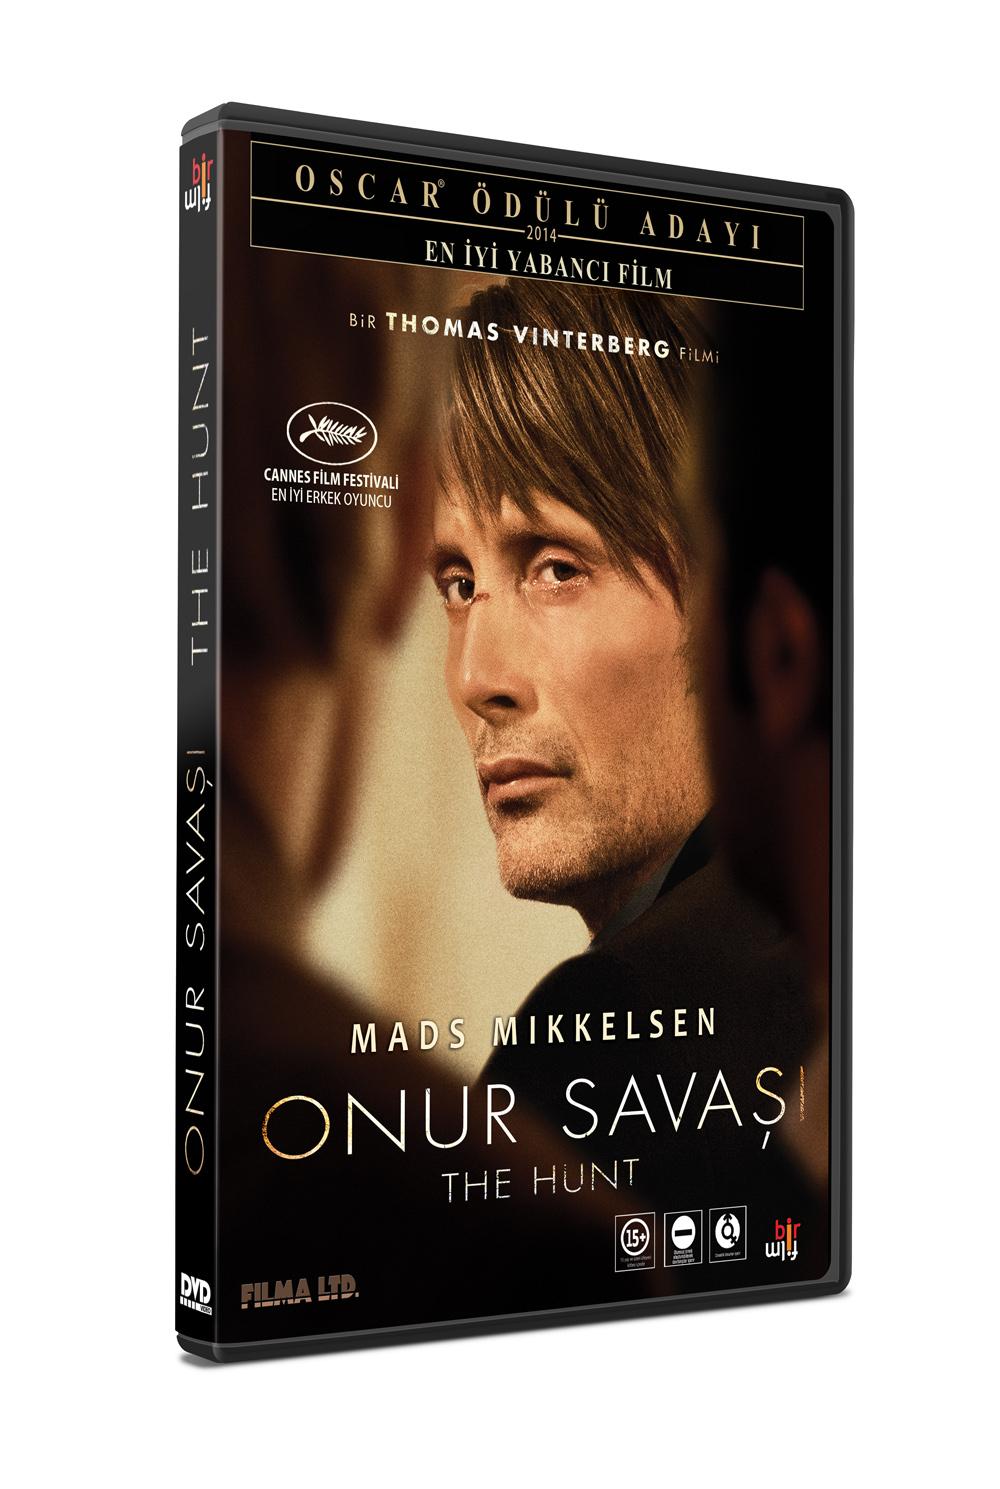 DVD KARTONET